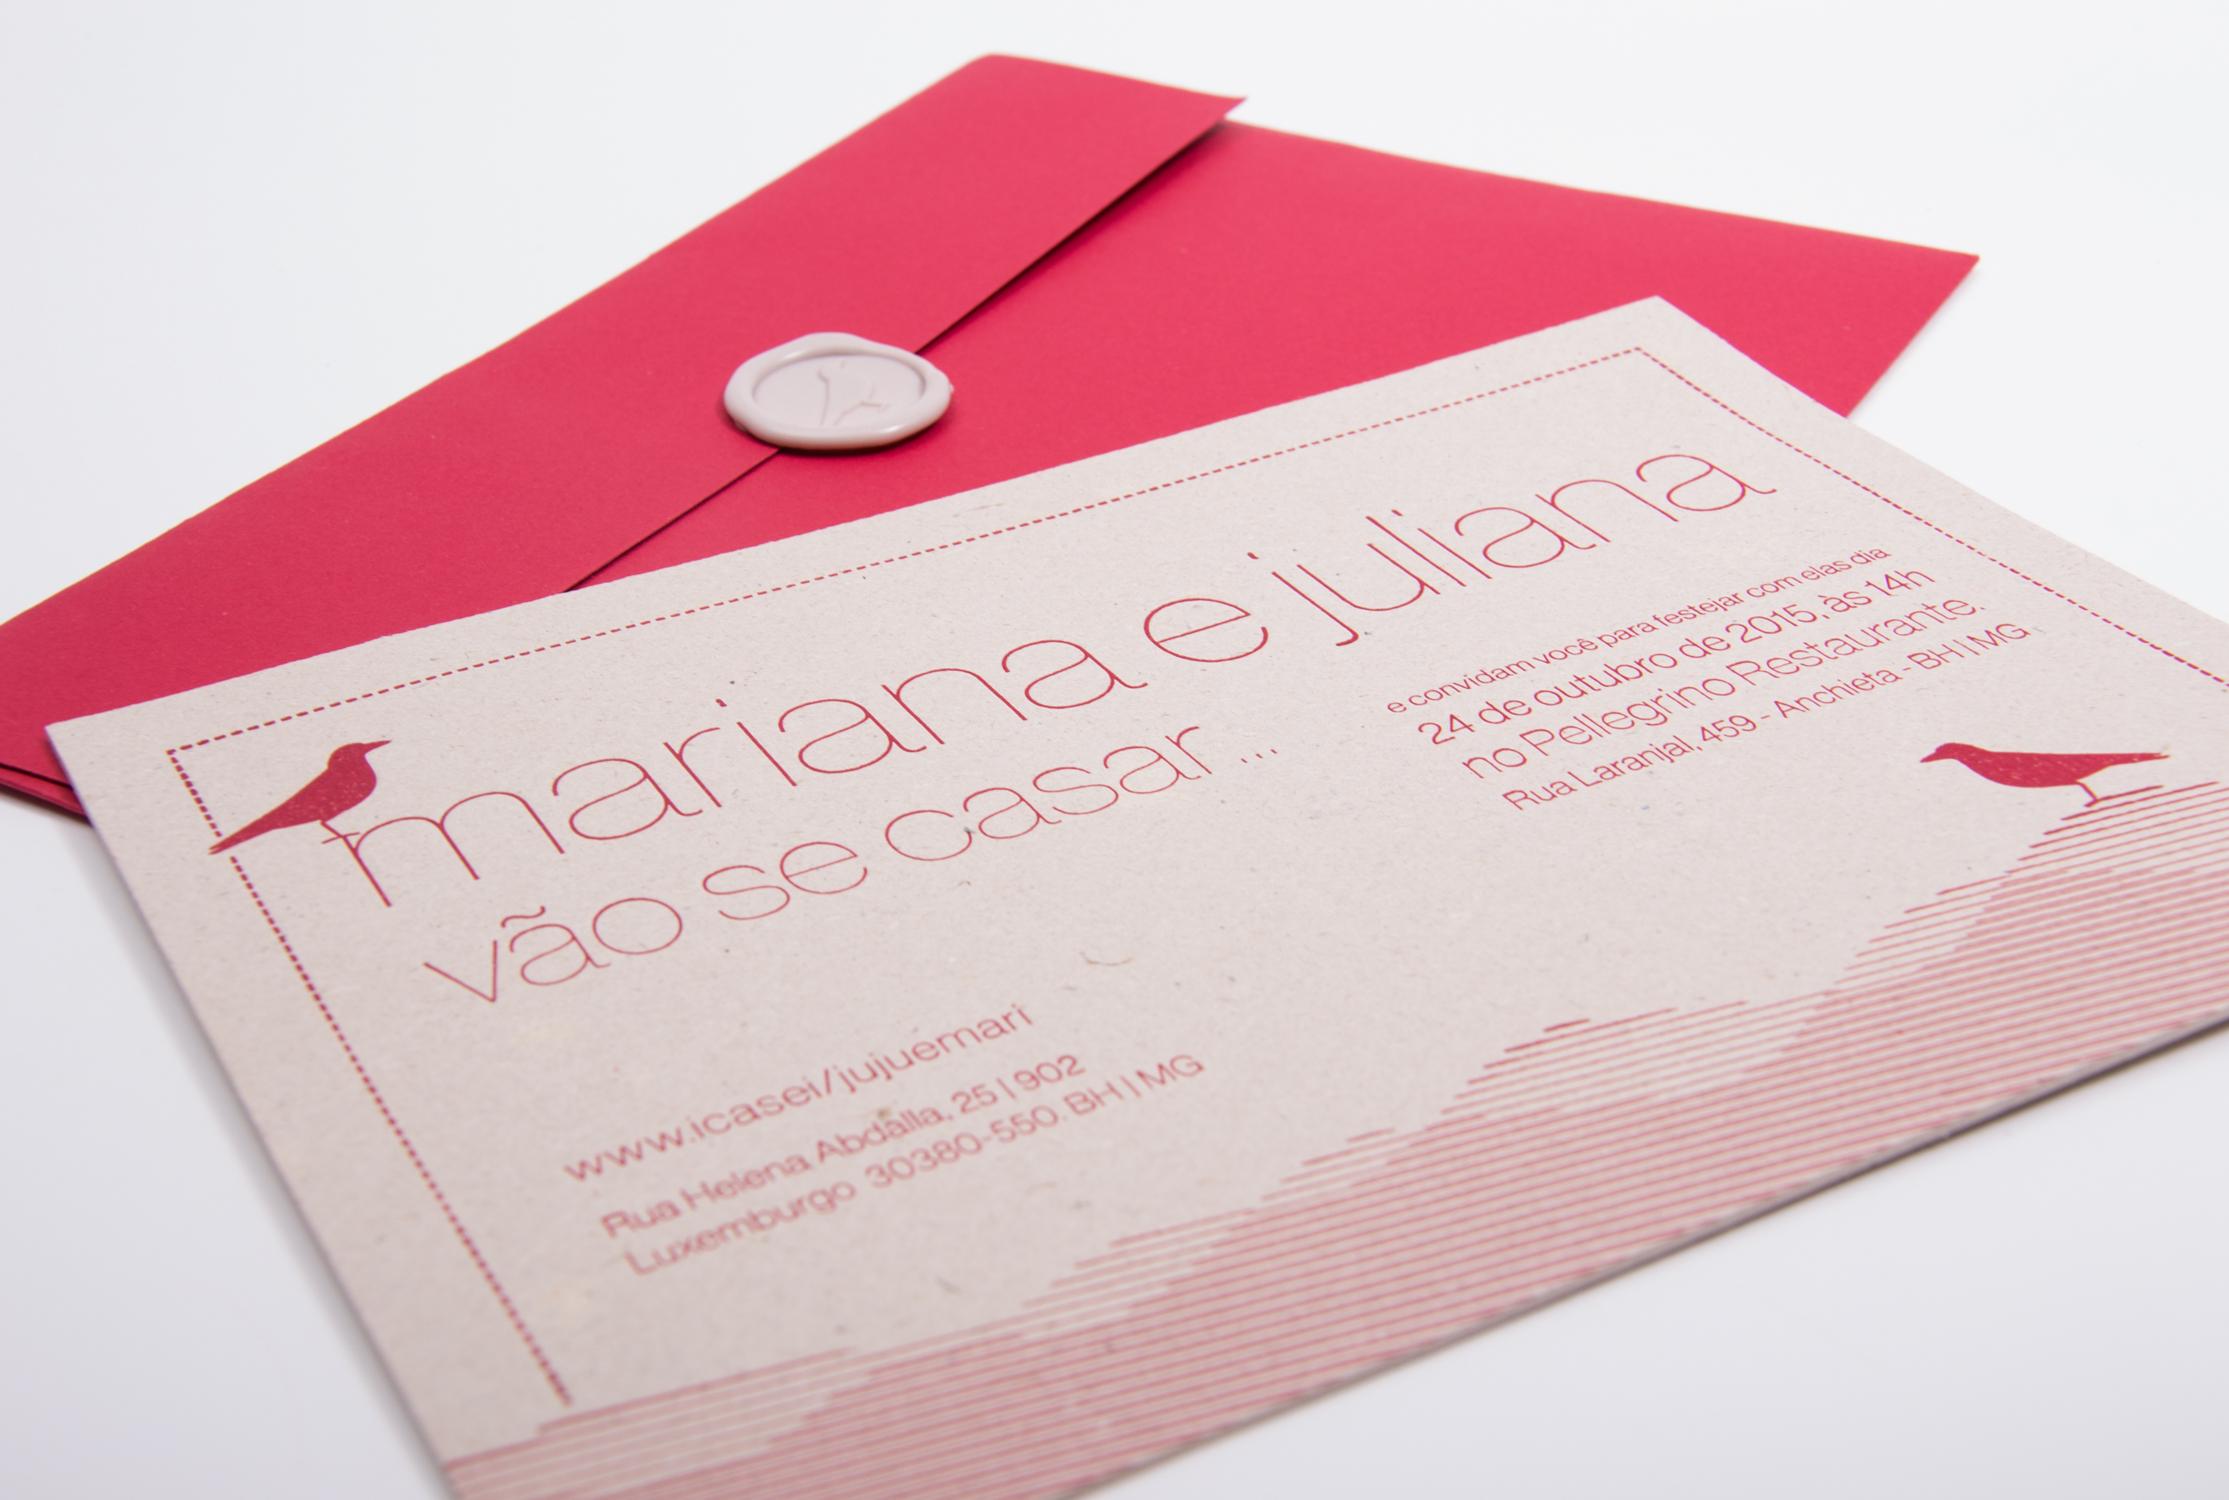 Convite impresso em Letterpress. (Arte: Serifaria | Impressão: Letterpress Brasil)